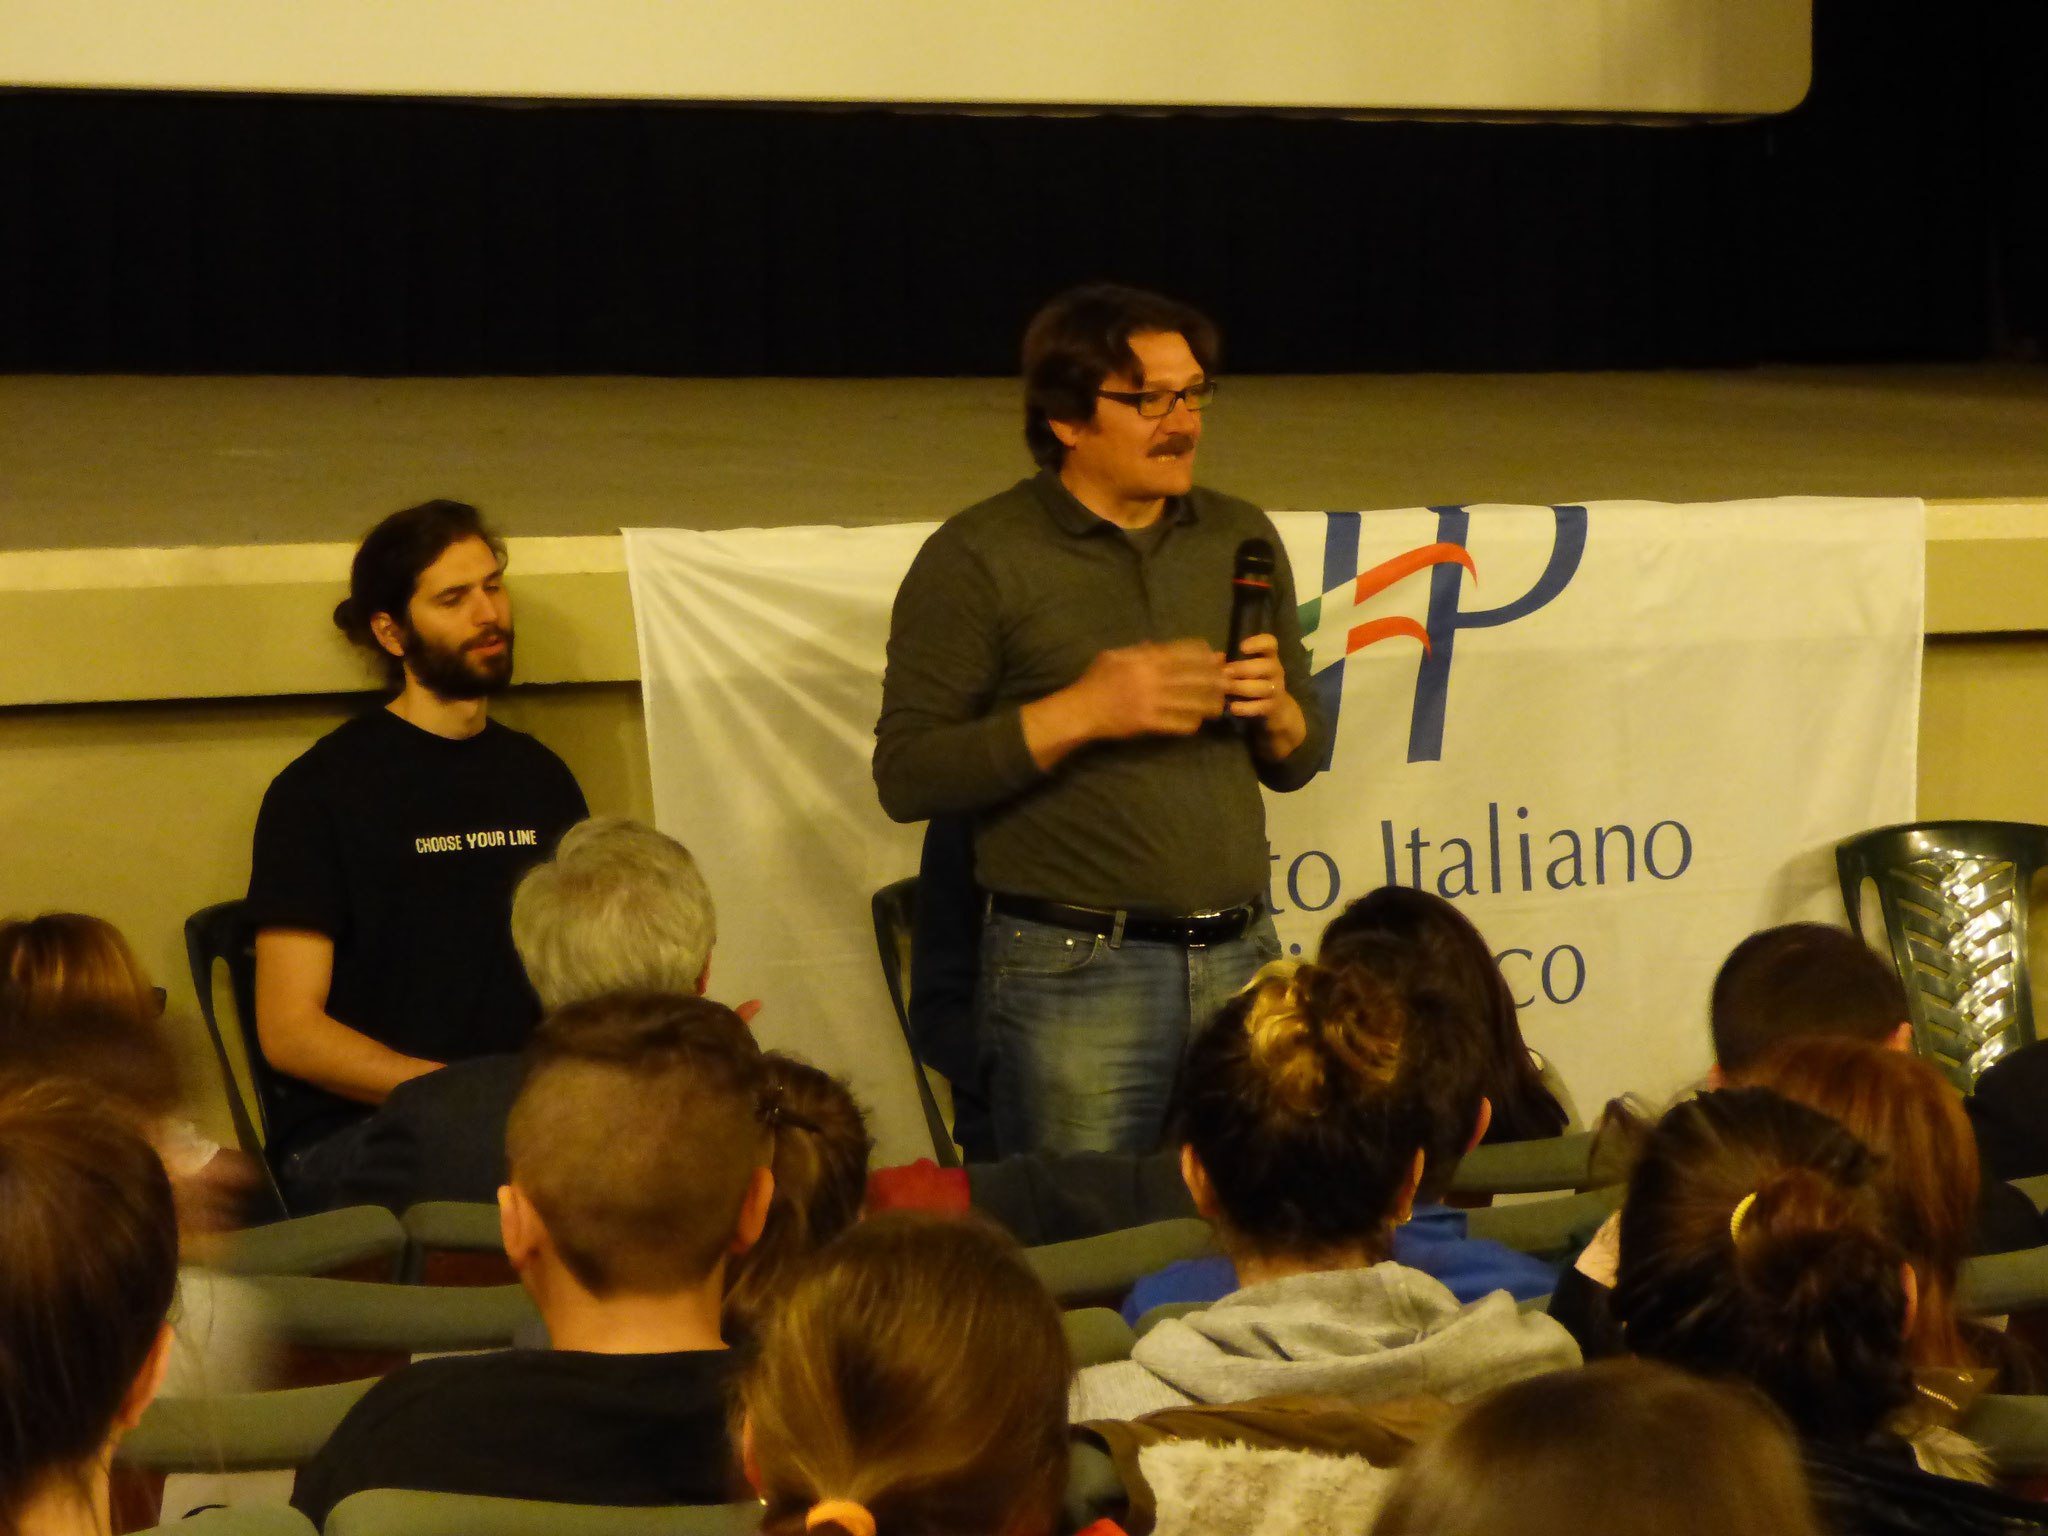 1 aprile 2017 ore 10,30  Incontro con gli atleti non vedenti della squadra di Paraclimbing  Matteo Stefani e Giulio Cevenini  con l'allenatrice Carla Galletti